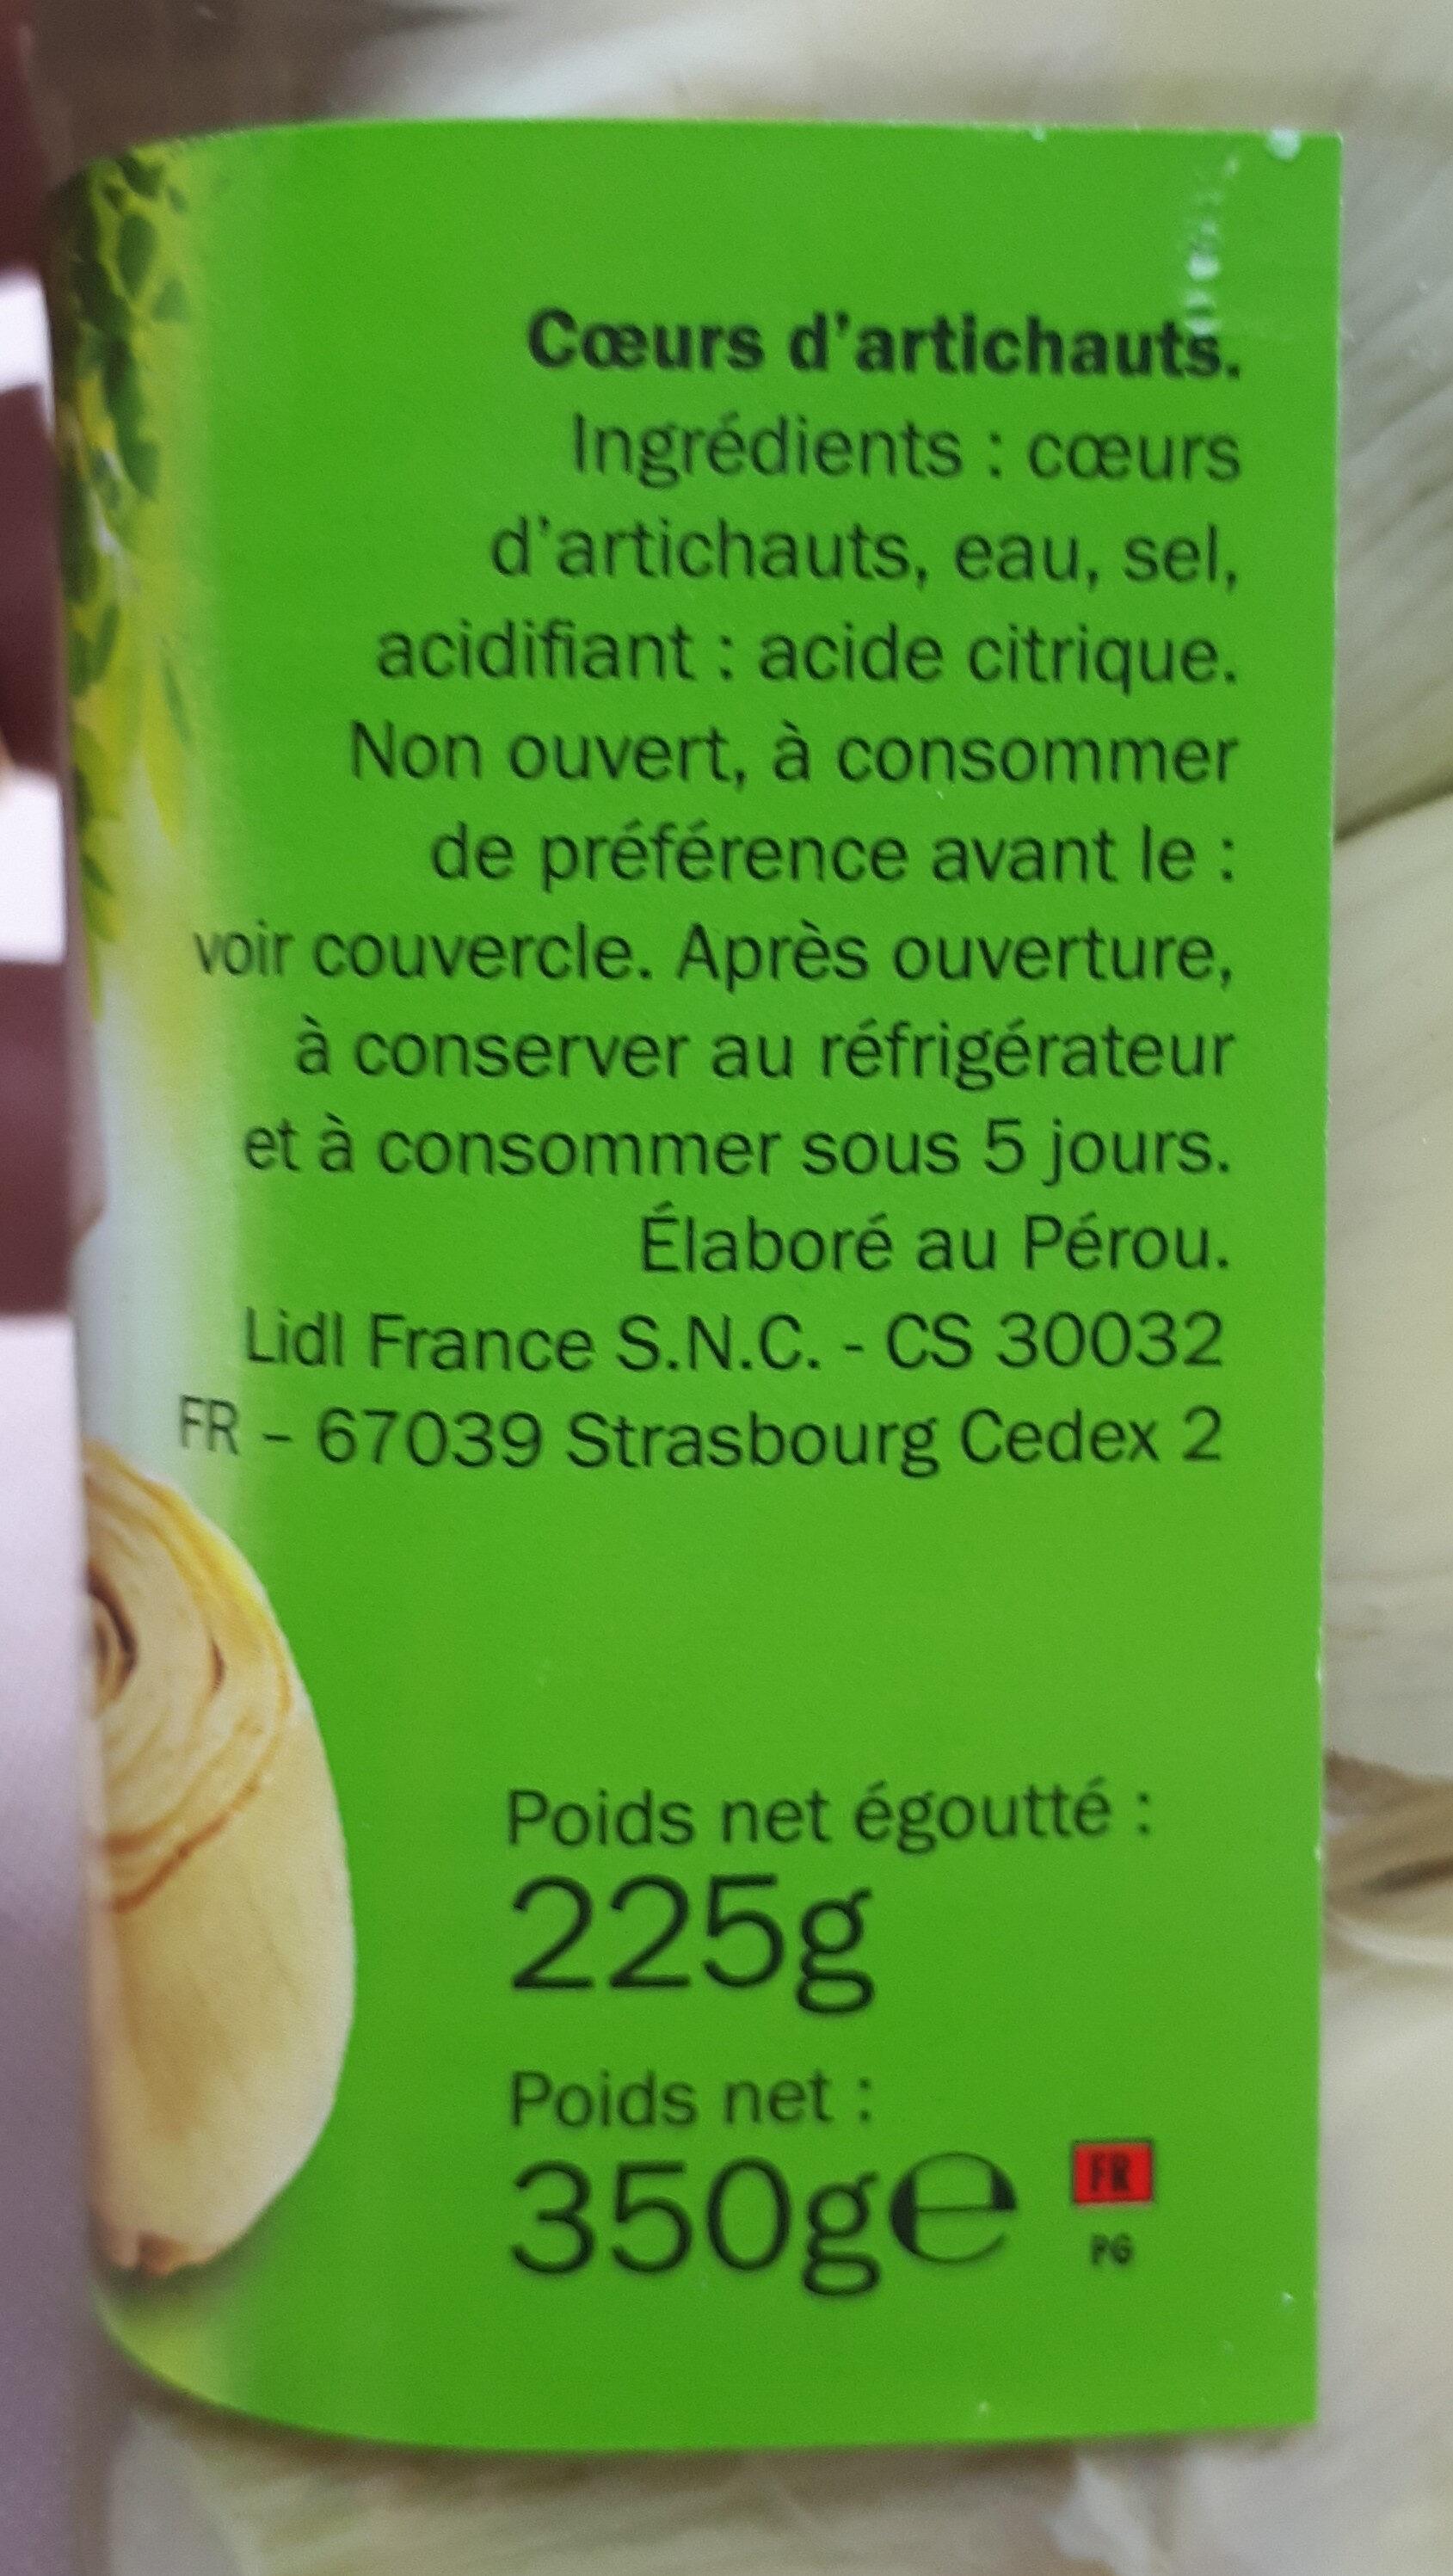 Coeurs d'artichauts 6-8 coeurs - Ingrediënten